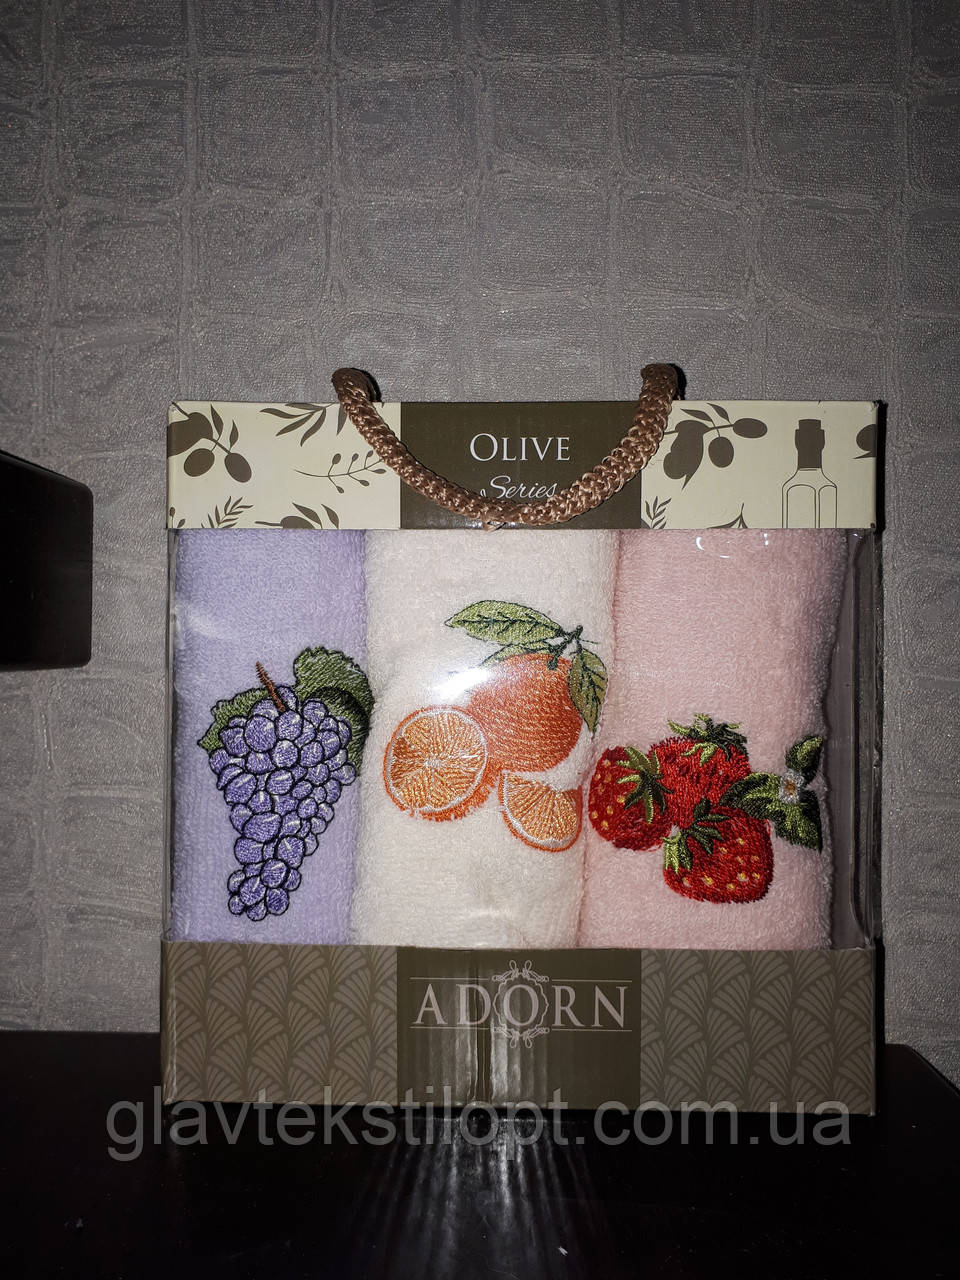 Подарочный набор полотенец 30*50 Adorn Турция